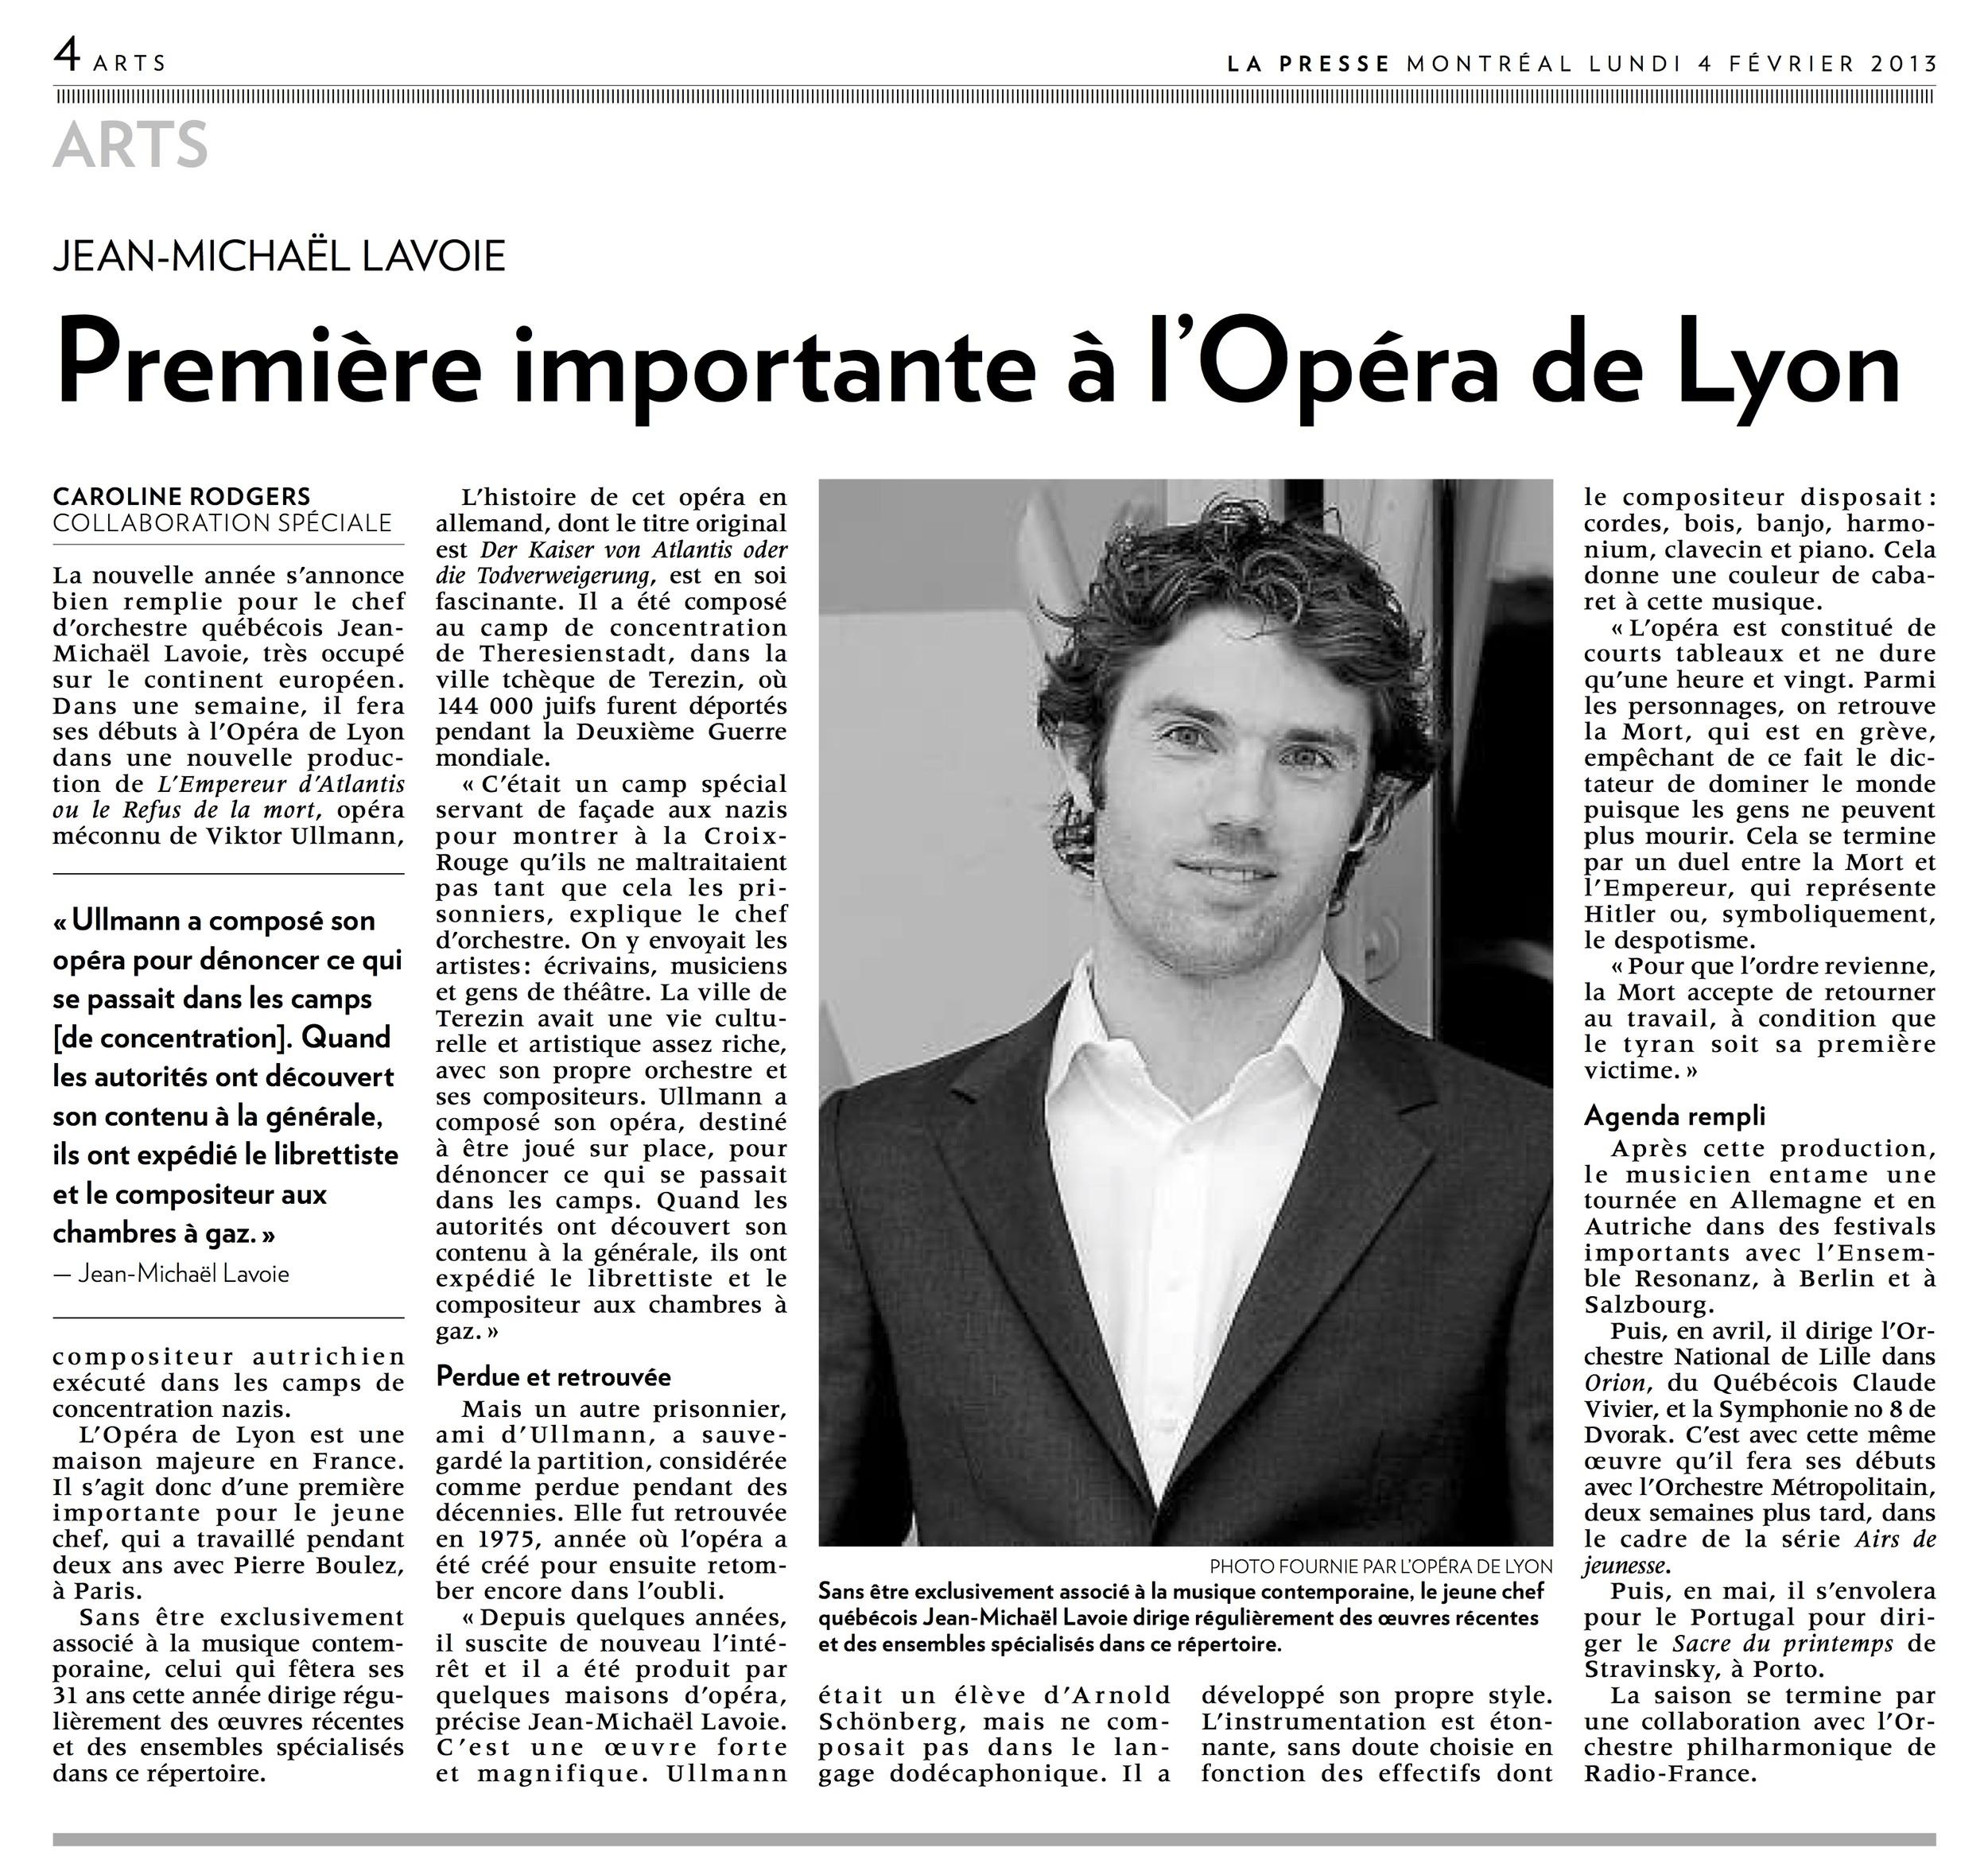 La Presse (2013)